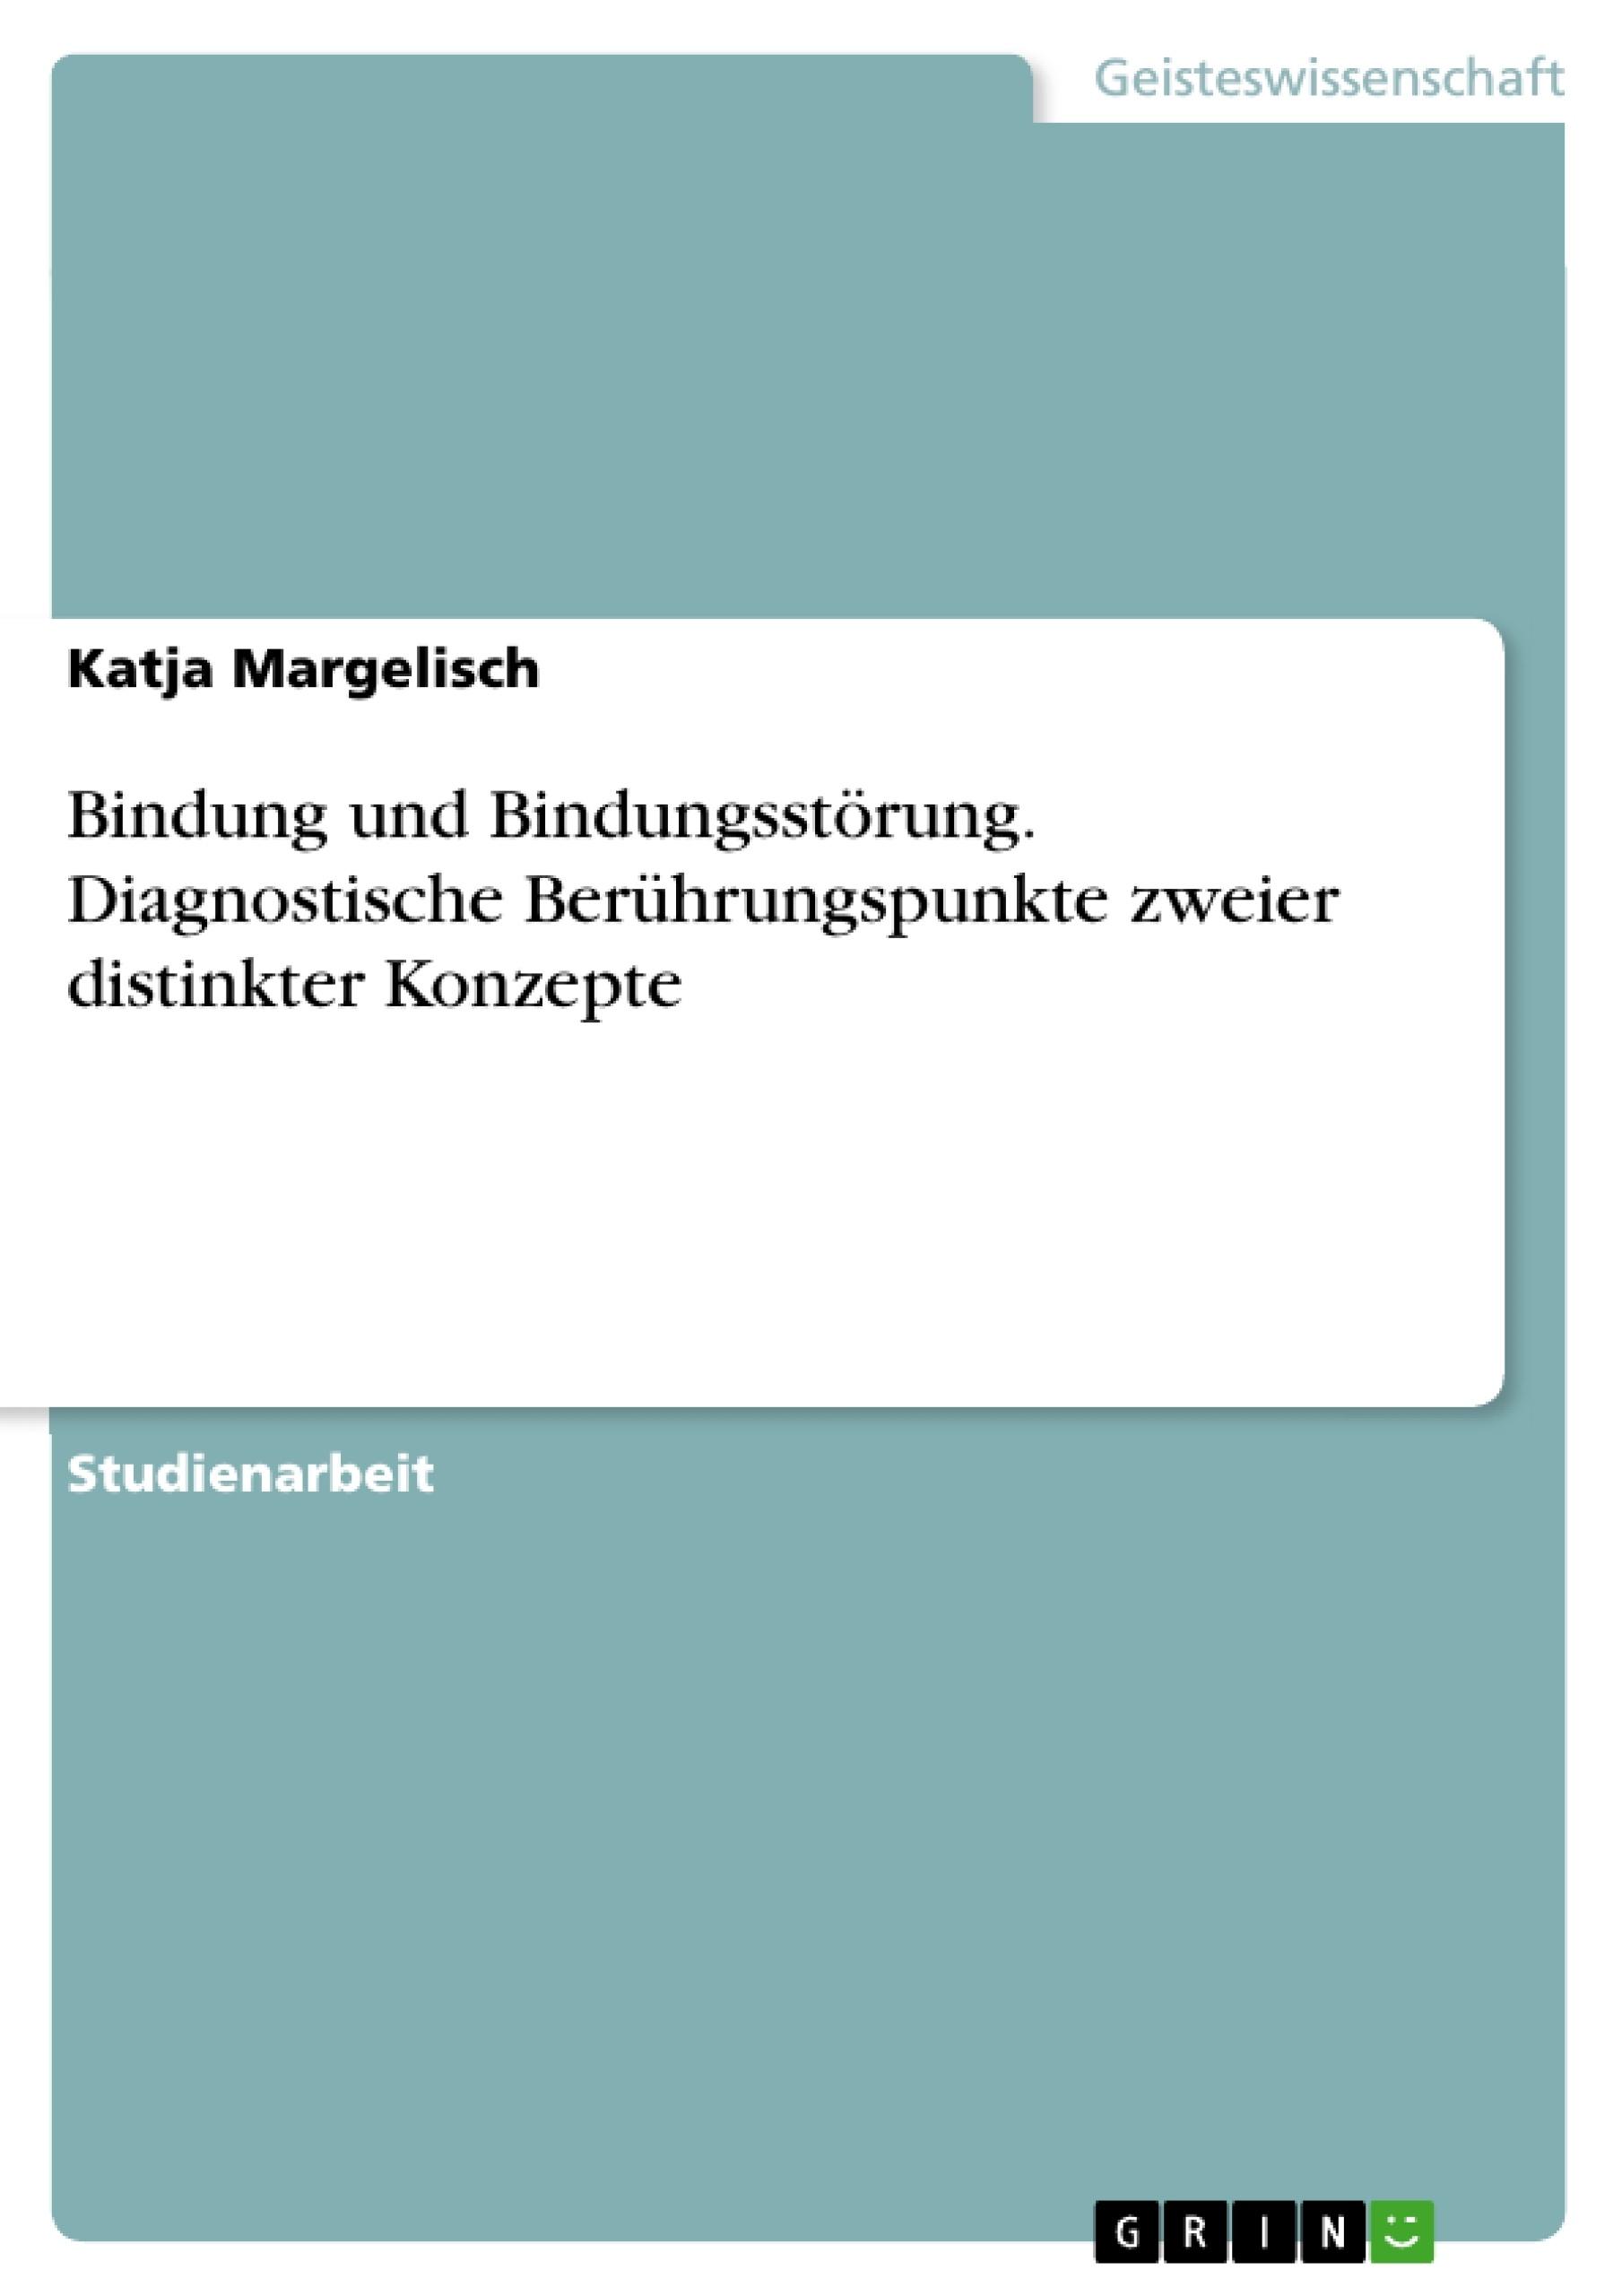 Titel: Bindung und Bindungsstörung. Diagnostische Berührungspunkte zweier distinkter Konzepte